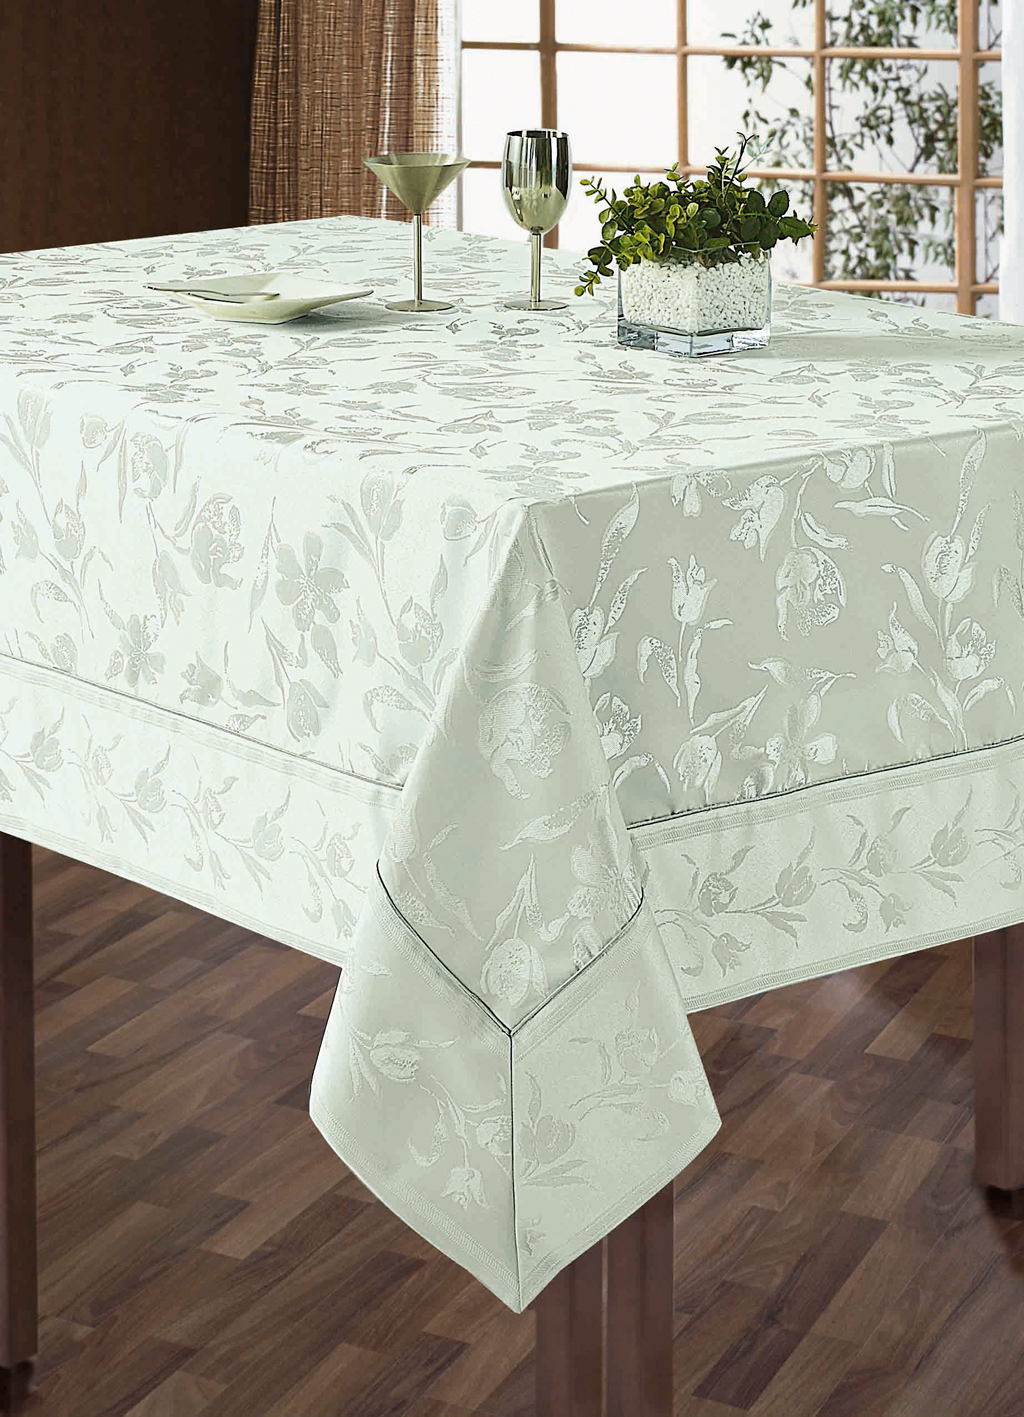 Комплект столового белья SL, цвет: белый, 9 предметов. 101101004900000360Роскошный комплект столового белья SL состоит из скатерти прямоугольной формы и 8 квадратных салфеток. Комплект выполнен из жаккарда с изящным цветочным рисунком. Комплект, несомненно, придаст интерьеру уют и внесет что-то новое. Использование такого комплекта сделает застолье более торжественным, поднимет настроение гостей и приятно удивит их вашим изысканным вкусом. Вы можете использовать этот комплект для повседневной трапезы, превратив каждый прием пищи в волшебный праздник и веселье.Жаккард - это гладкая, безворсовая ткань сложного плетения, в состав которой входят как синтетические, так и органические волокна. У белья из жаккардовой ткани гладкая и приятная на ощупь фактура. Его контурный рисунок, созданный благодаря особому плетению, выглядит дорого и изящно. Здесь воссоединились блеск шелка и уютная мягкость хлопка. Жаккардовые ткани очень прочны и долговечны, очень удобны в эксплуатации. Скатерть - 1 шт. Размер: 180 см х 270 см. Салфетки - 8 шт. Размер: 40 см х 40 см.Комплект упакован в красивую подарочную коробку.